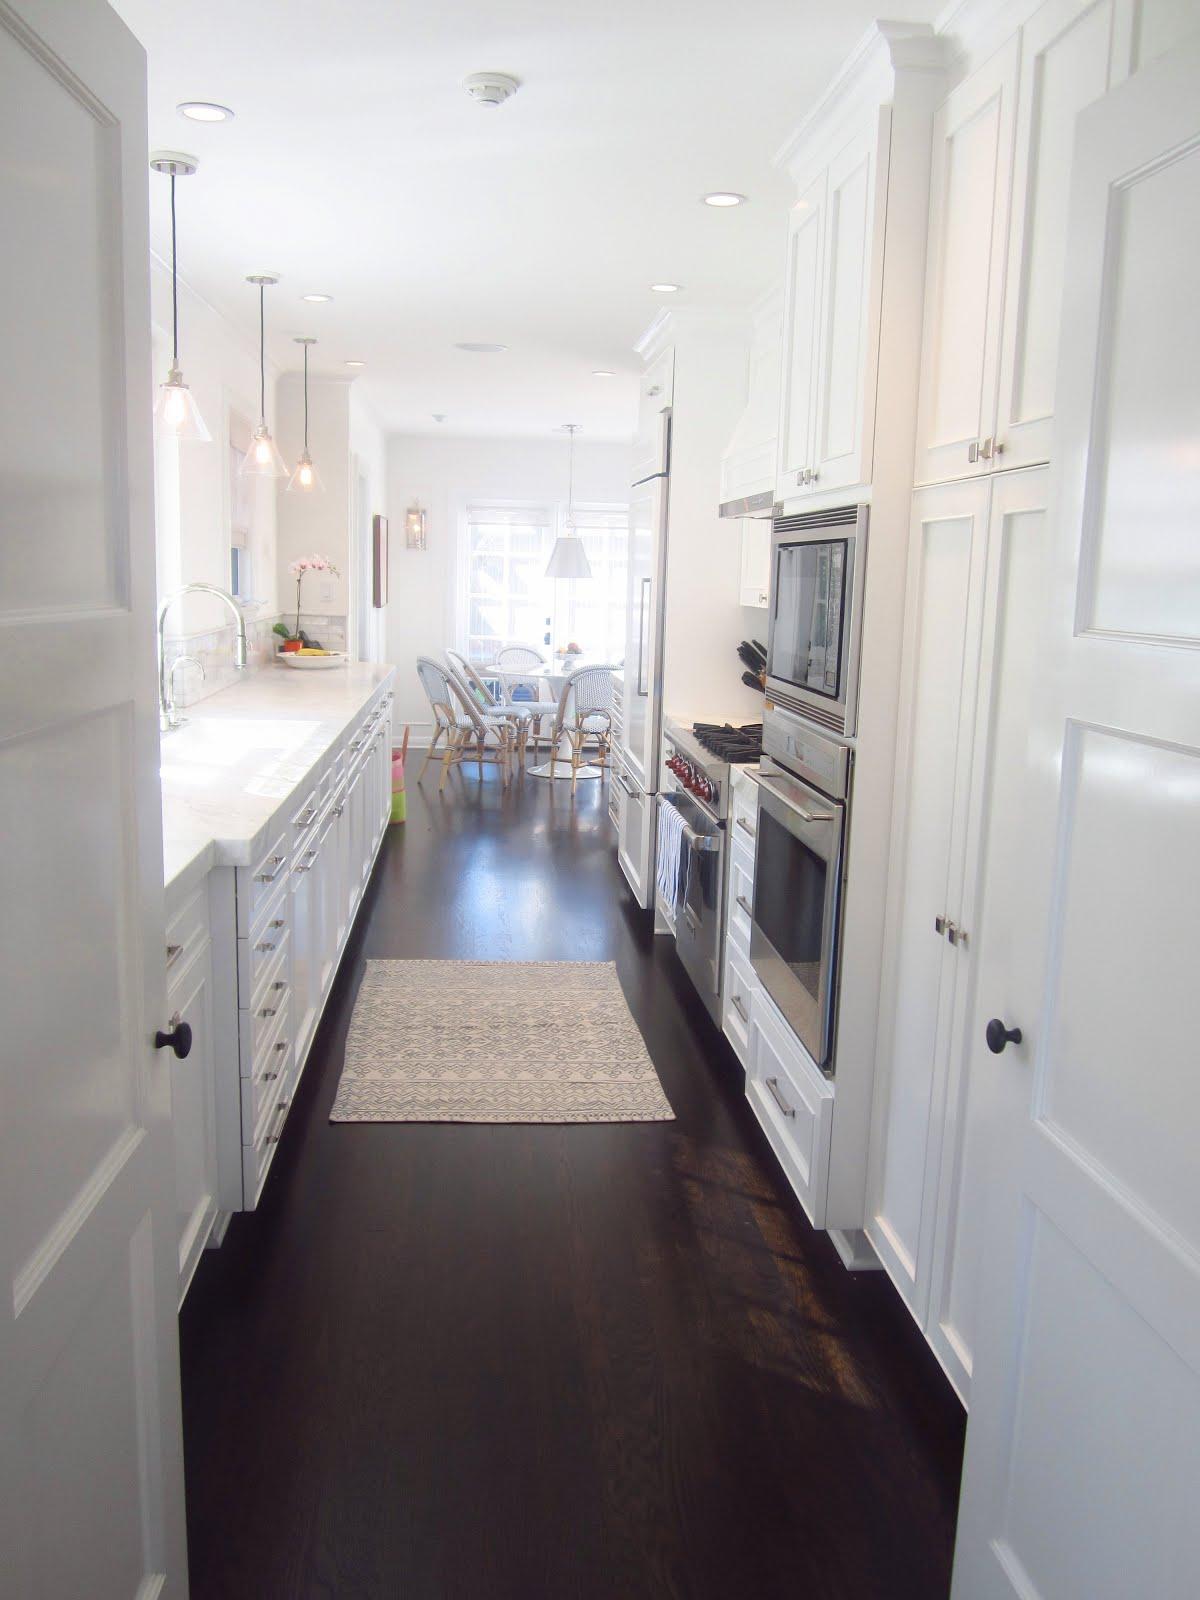 kitchen remodel galley kitchen design 24 best images about Kitchen Remodel on Pinterest Kitchen pantry cabinets Ikea pantry and Galley kitchen design